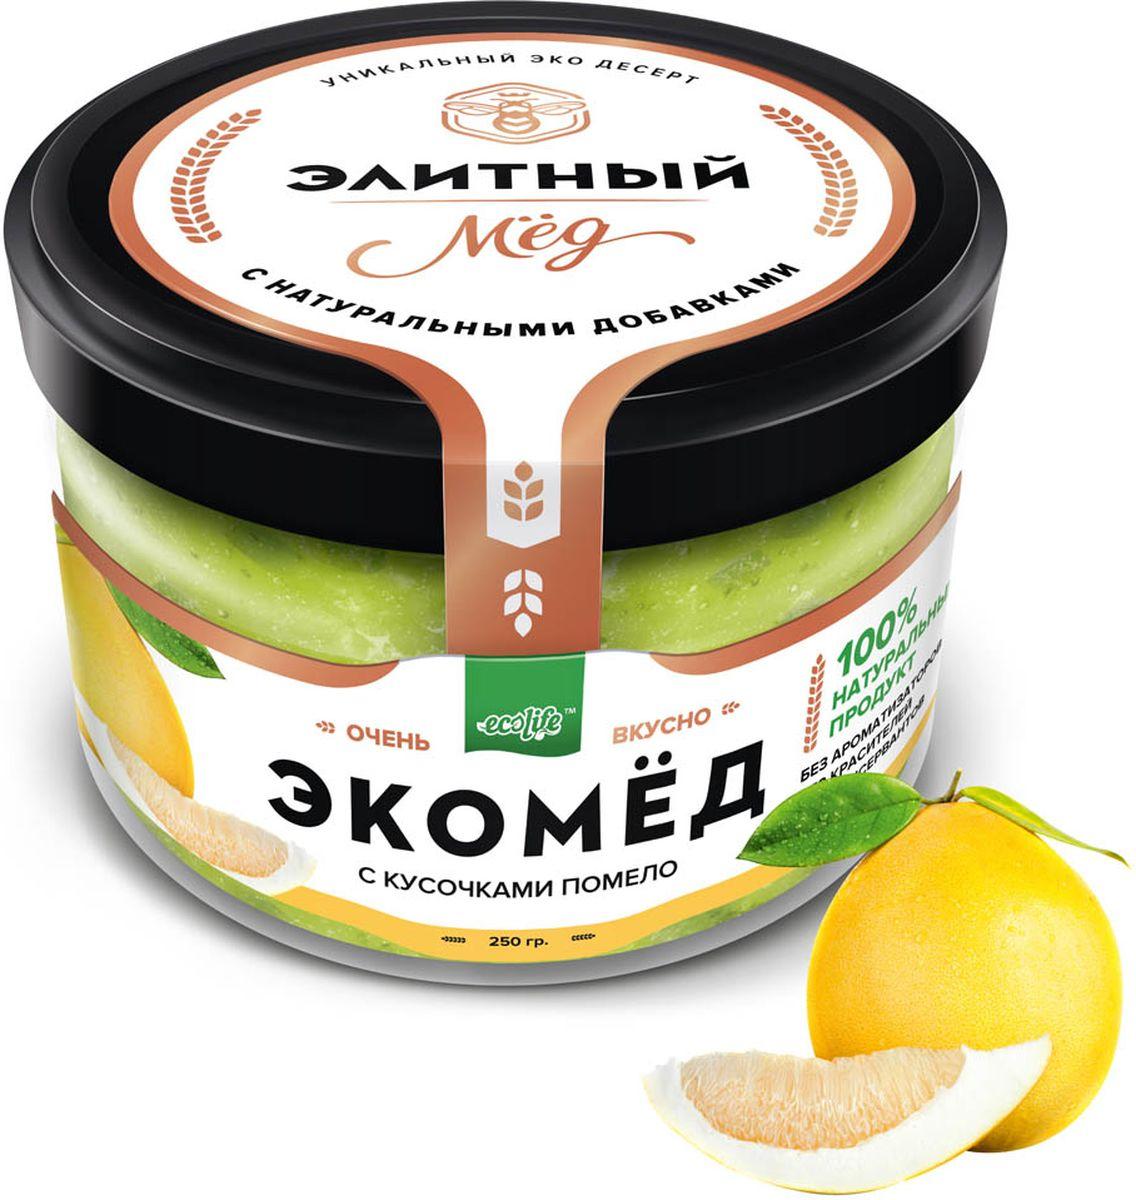 Ecolife Экомед с помело, 250 г0120710100% натуральный экопродукт, имеющий в составе только натуральные ингредиенты. При изготовлении не используется дешевый подсолнечный мёд. Мед не нагревается, сохраняются все его полезные свойства. Экомёд не имеет эффекта расслаивания.